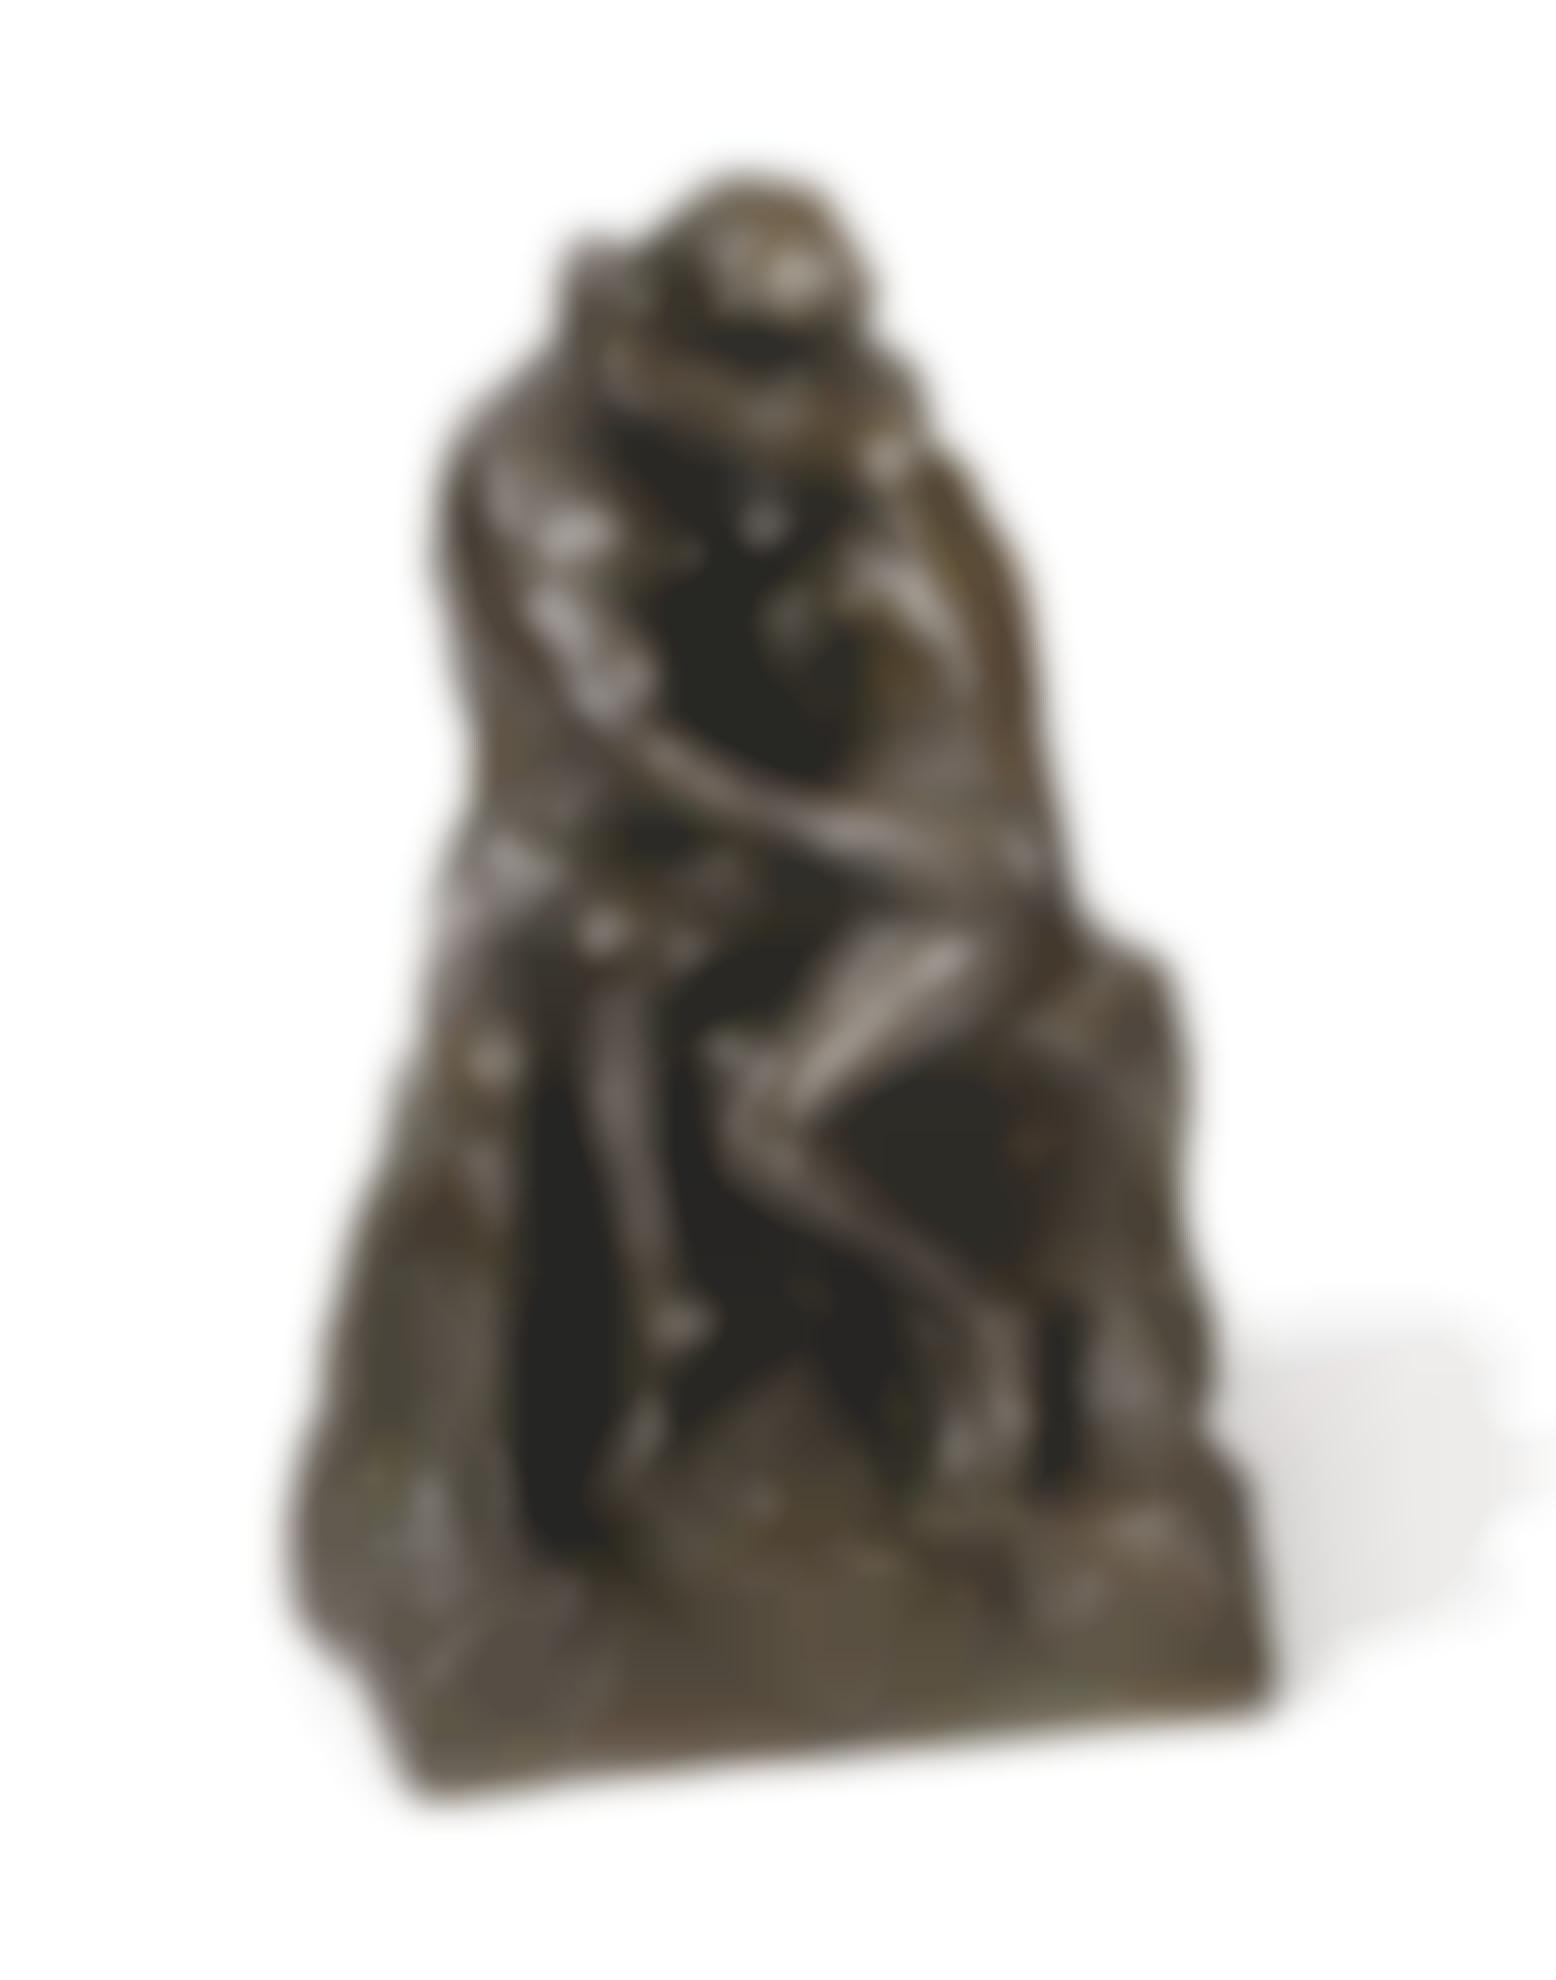 Auguste Rodin-Le Baiser, 3Eme Reduction-1886